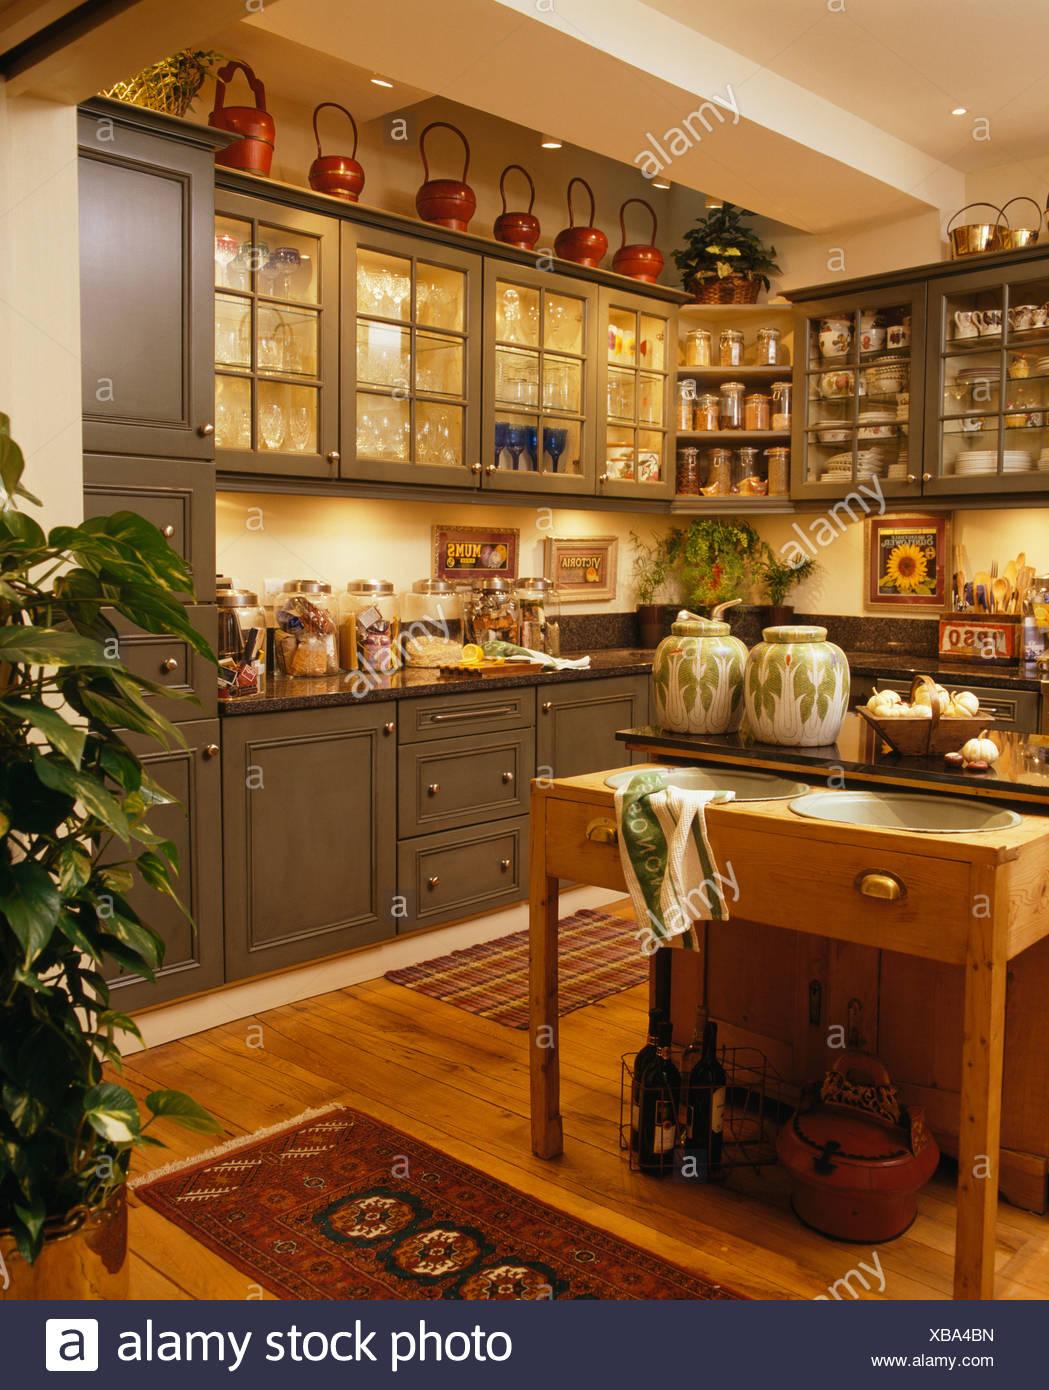 Full Size of Landhausküche Grün Moderne Regal Sofa Weiß Grau Grünes Gebraucht Küche Mintgrün Weisse Wohnzimmer Landhausküche Grün